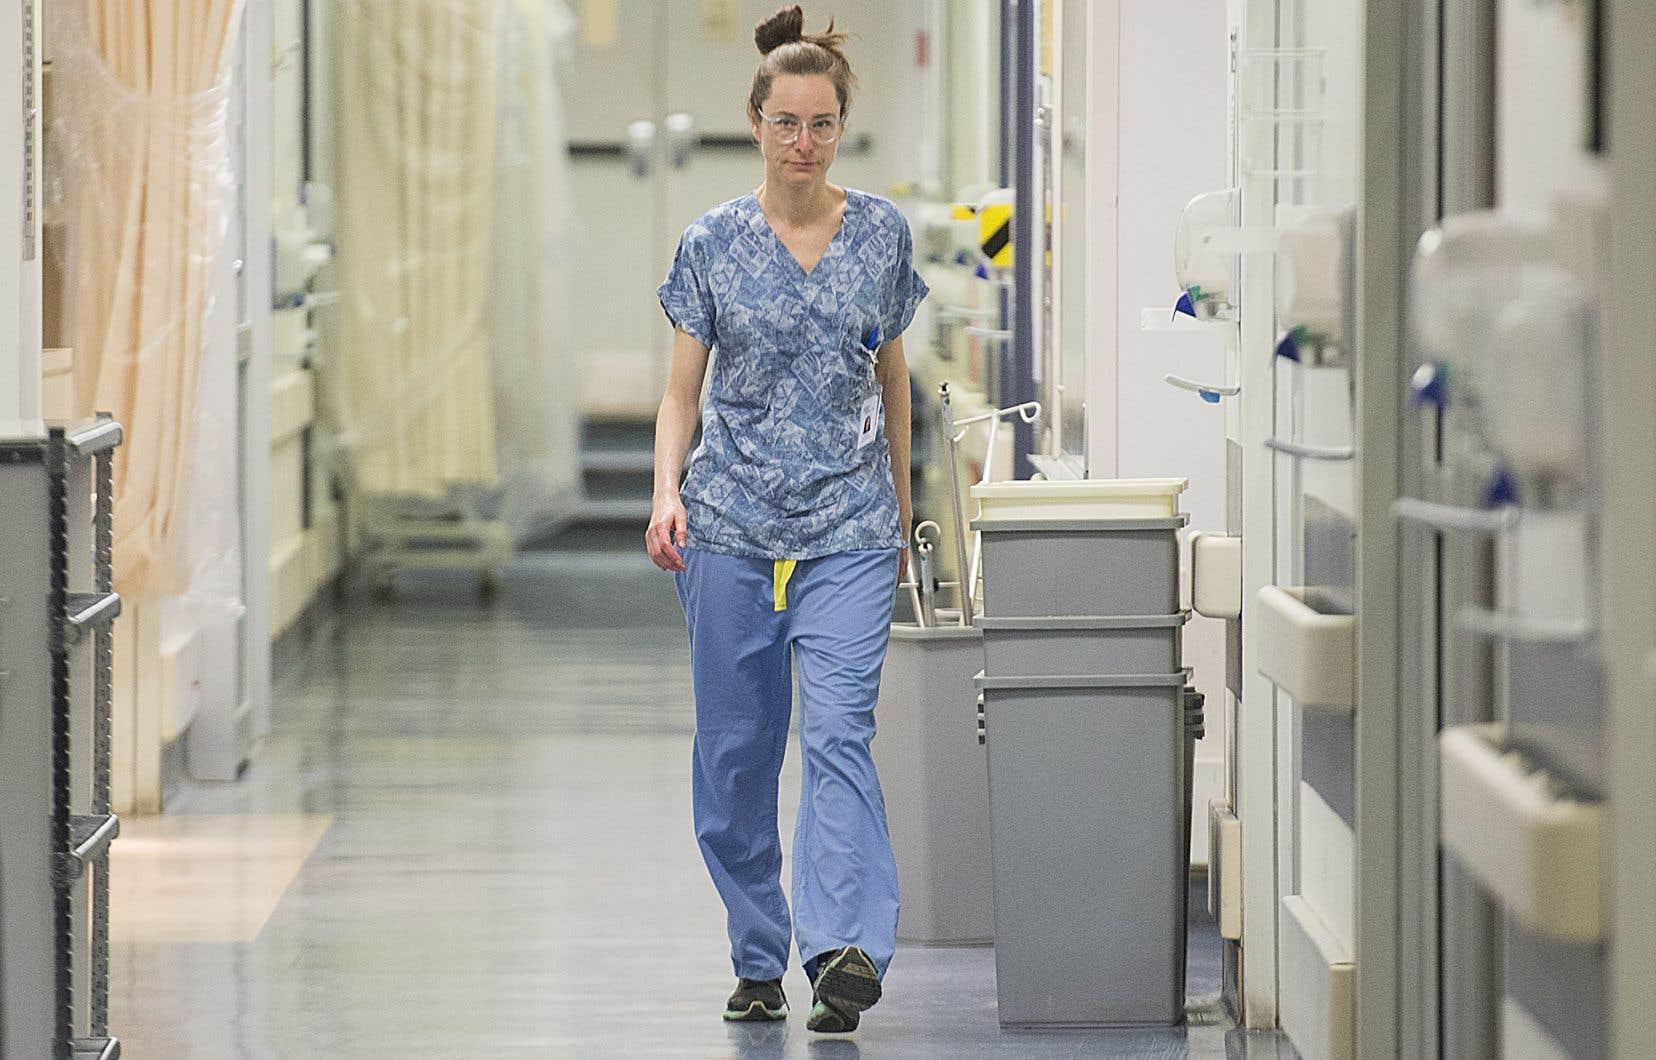 L'ouverture d'une autre clinique de dépistage à Longueuil, en Montérégie, est prévue pour lundi prochain. Celle de Montréal est en service depuis lundi.